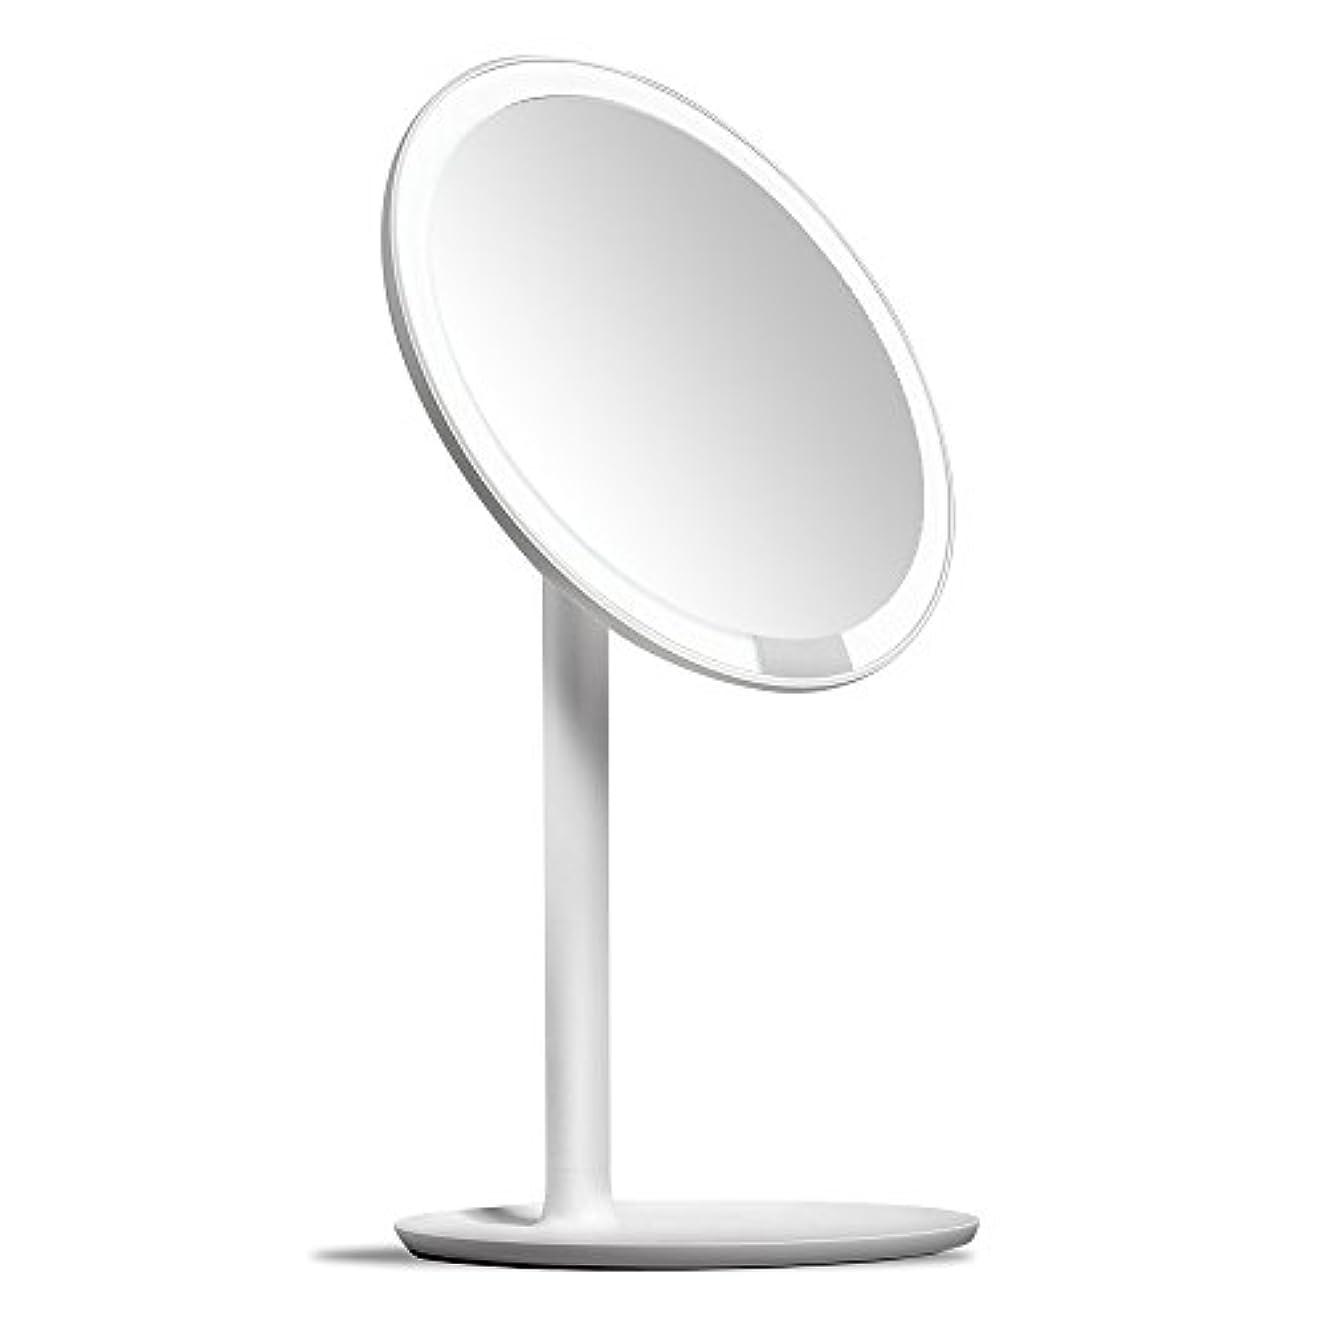 挑む磨かれた気分が悪いAMIRO 化粧鏡 化粧ミラー LEDライト付き 卓上鏡 女優ミラー 3段階明るさ調節可能 コードレス 充電式